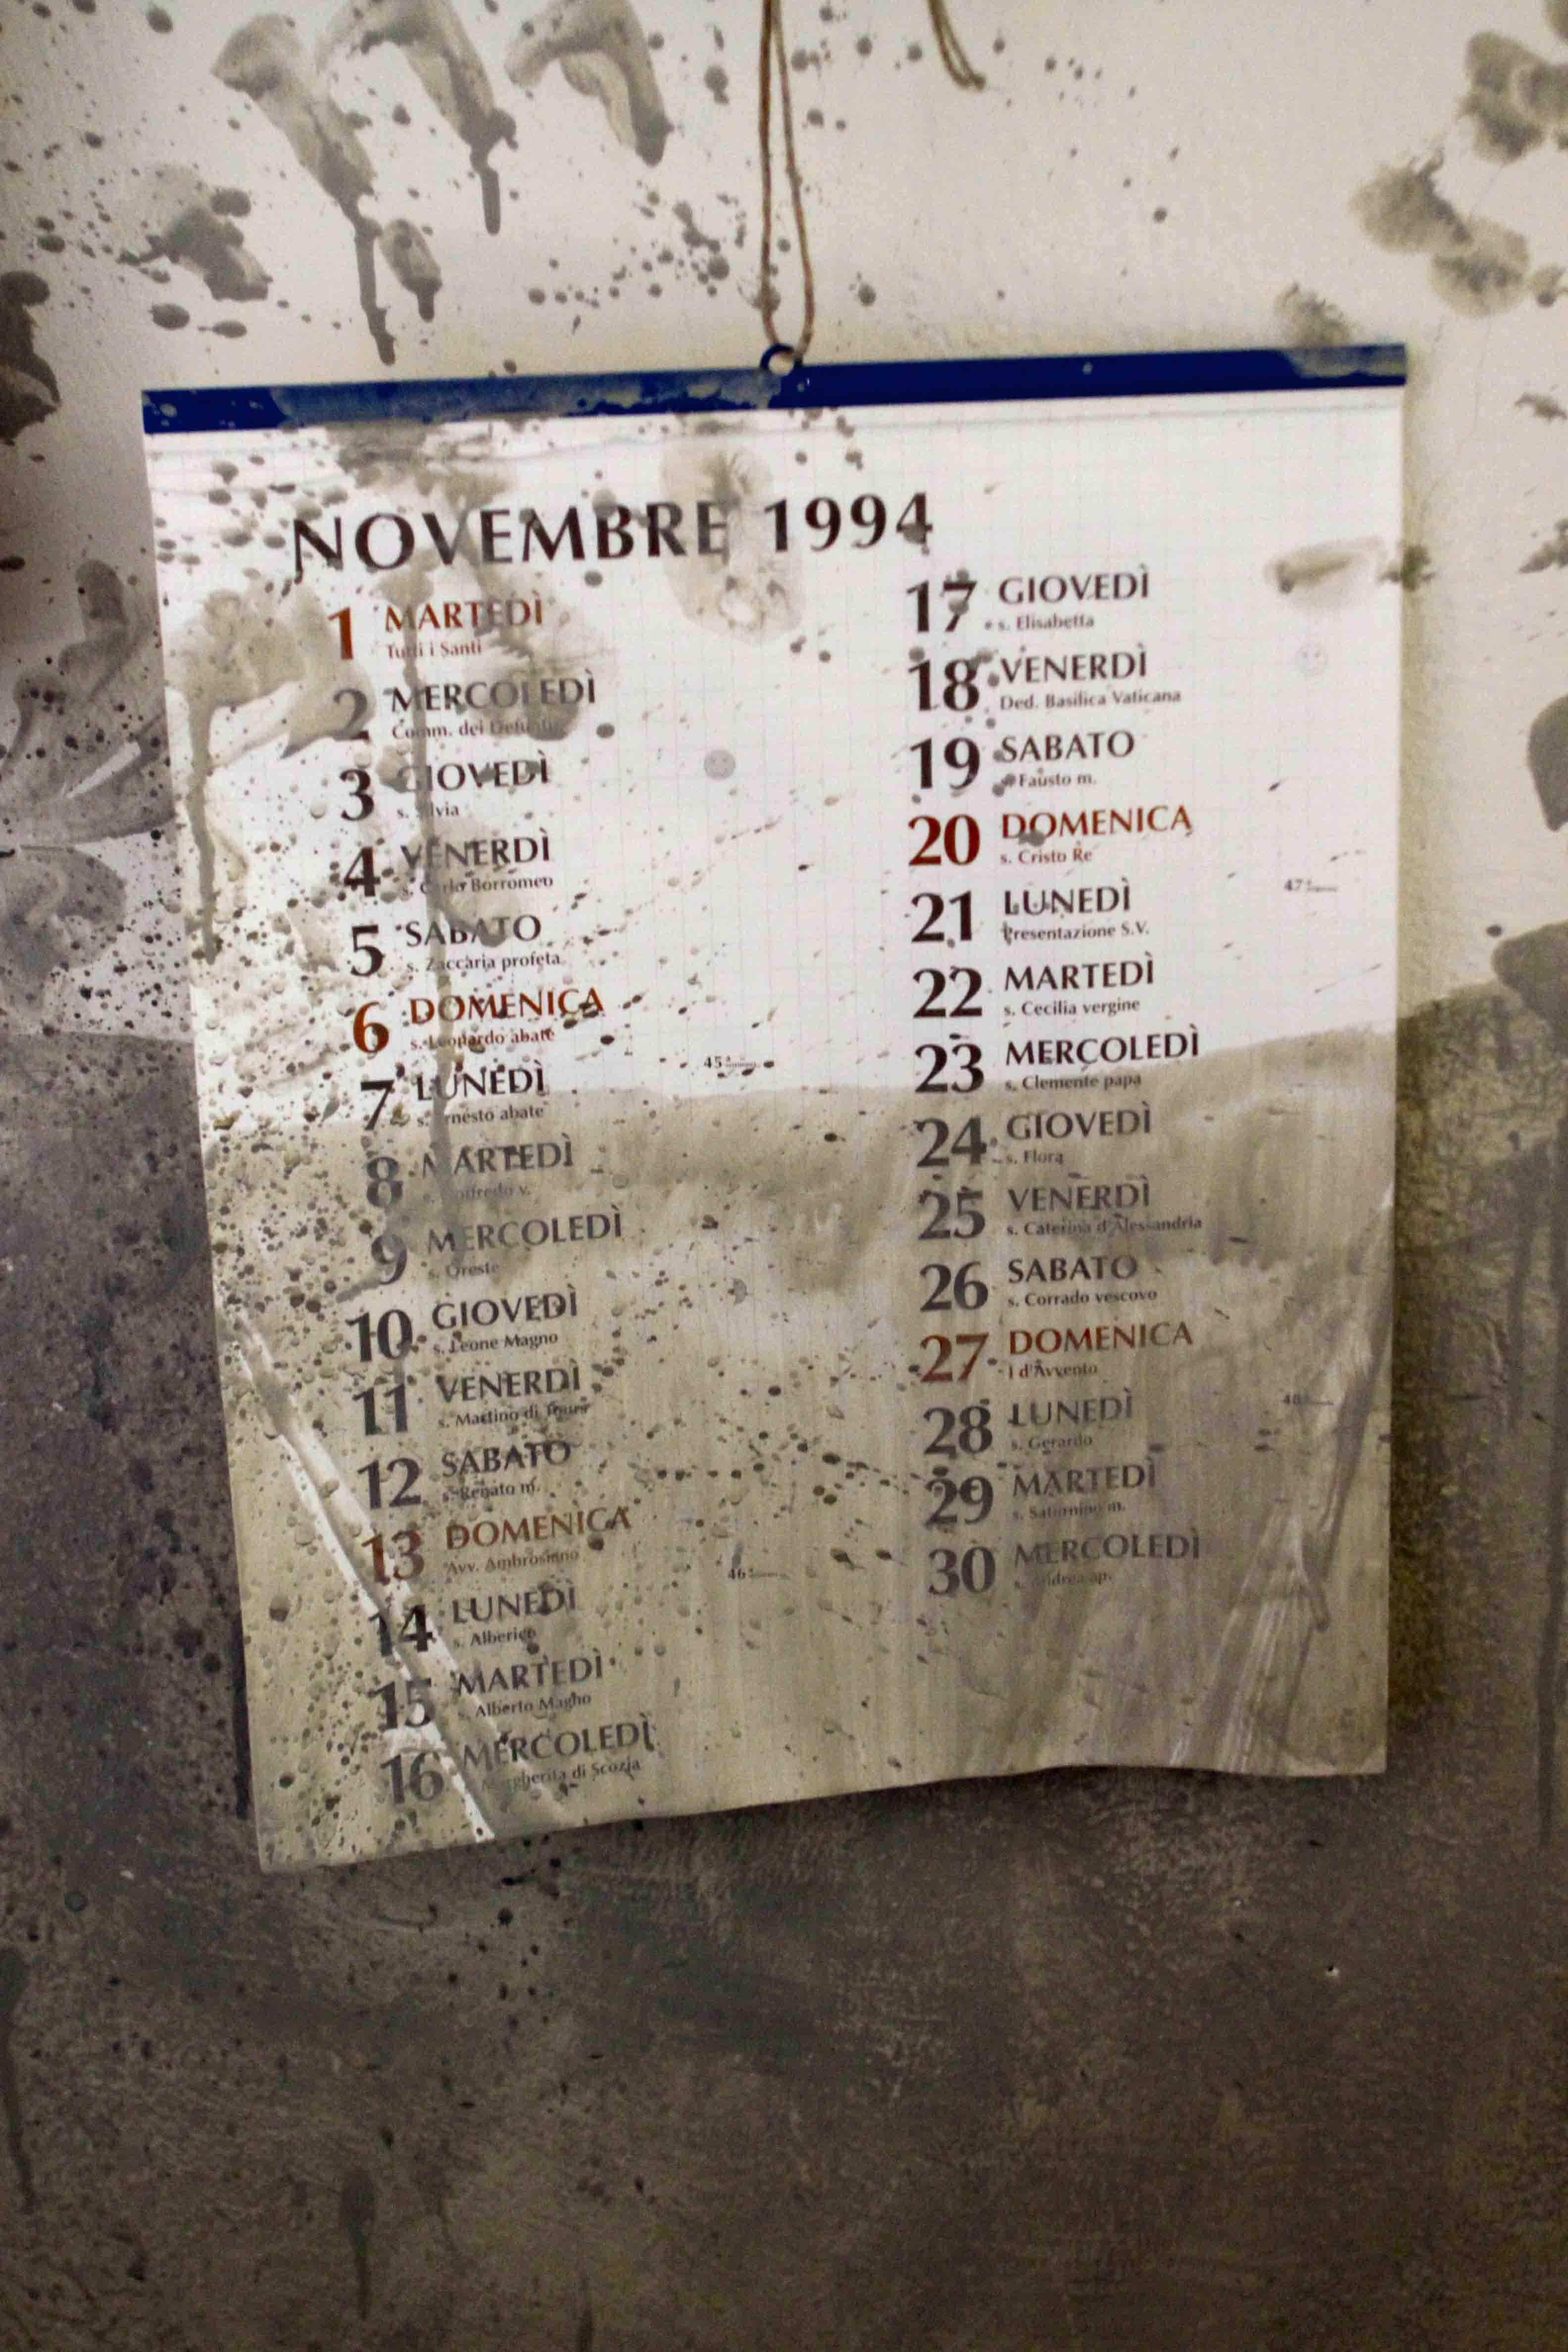 il calendario del giorno dell'alluvione